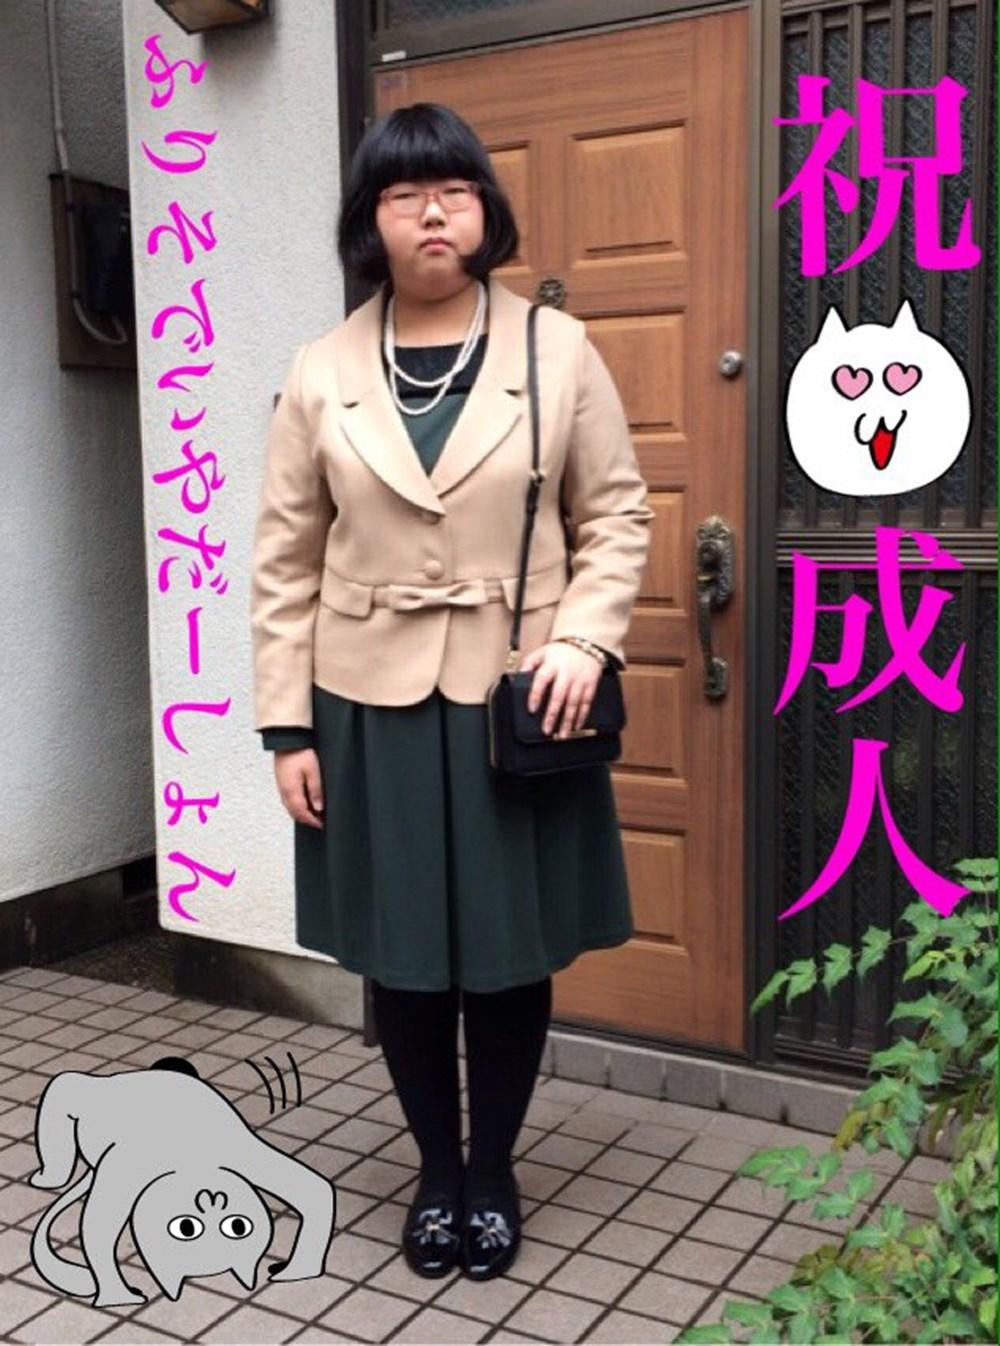 C1u_7JXUoAI7Erf_R